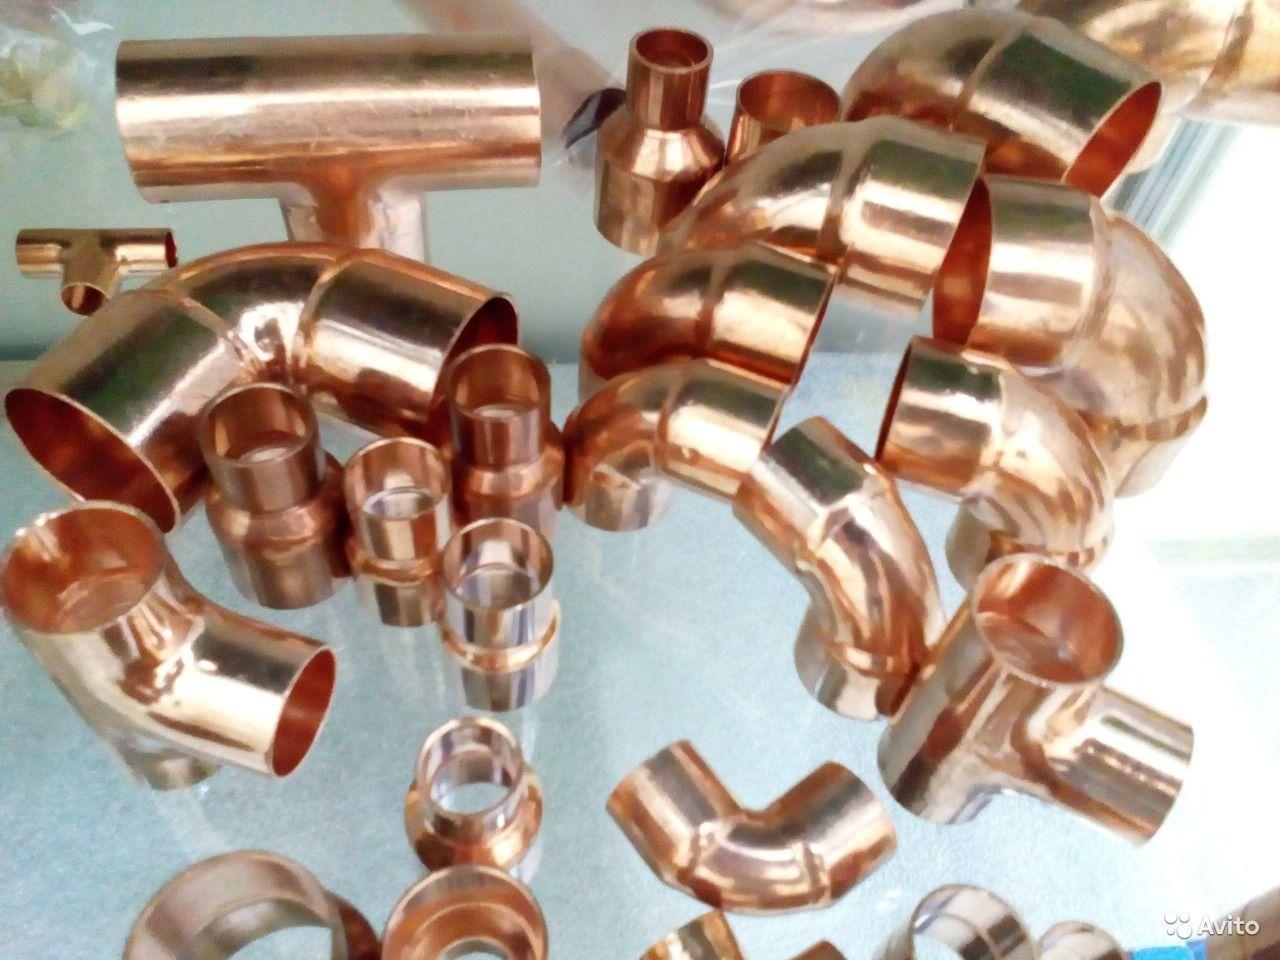 Размеры медных труб: таблица диаметров в дюймах и мм, обозначение, правила монтажа